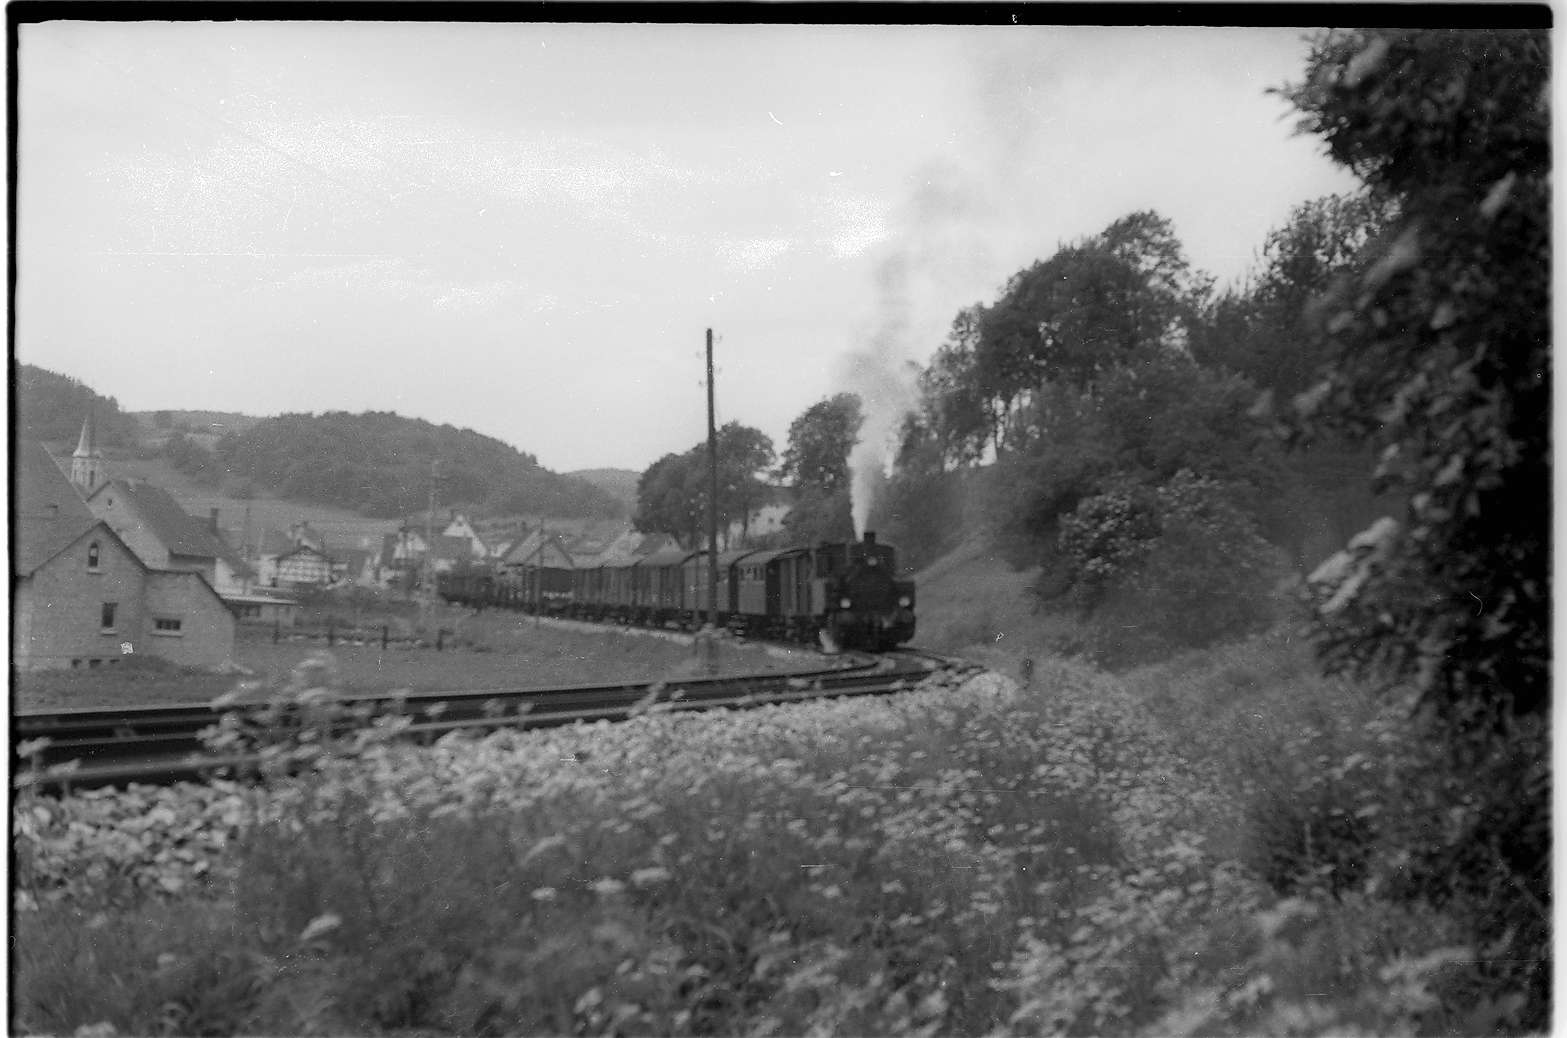 Strecke Neufra - Gammertingen, Lok 12, Neufra hat seit 1990 kein Kreuzungsgleis mehr, es entfiel eine Weiche, Bild 1